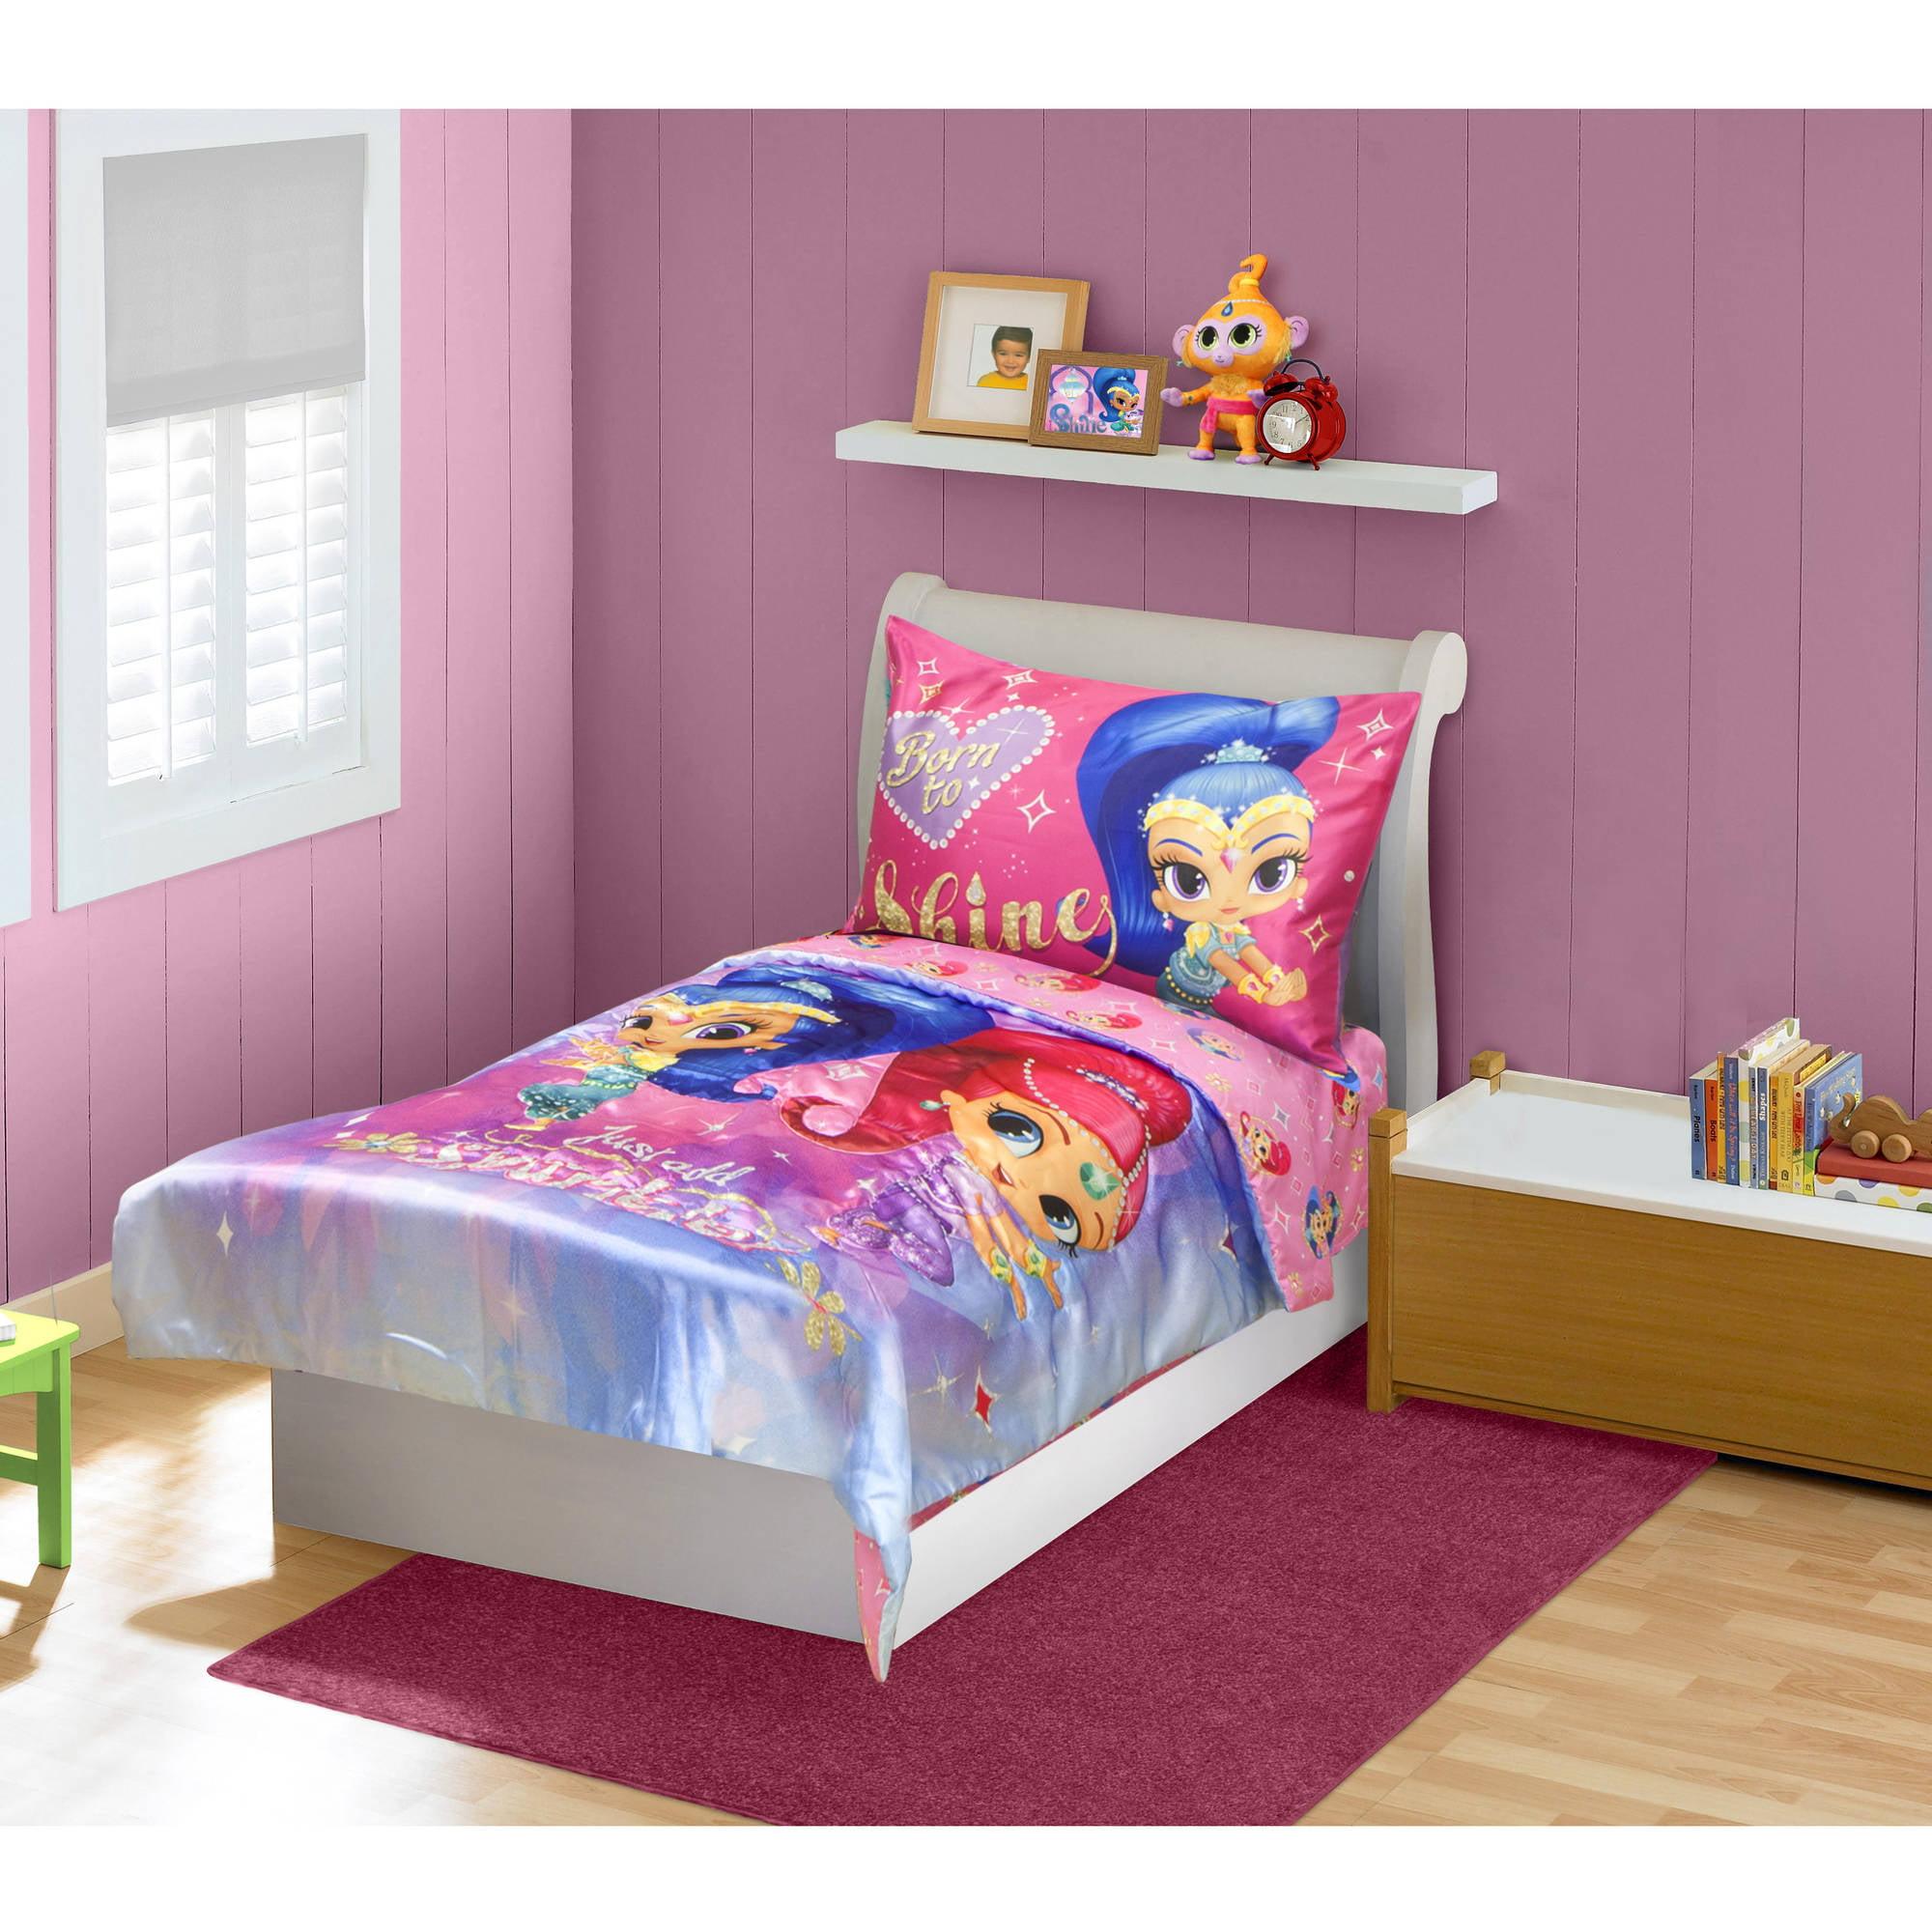 Shimmer Amp Shine 4 Piece Toddler Bedding Set Walmart Com